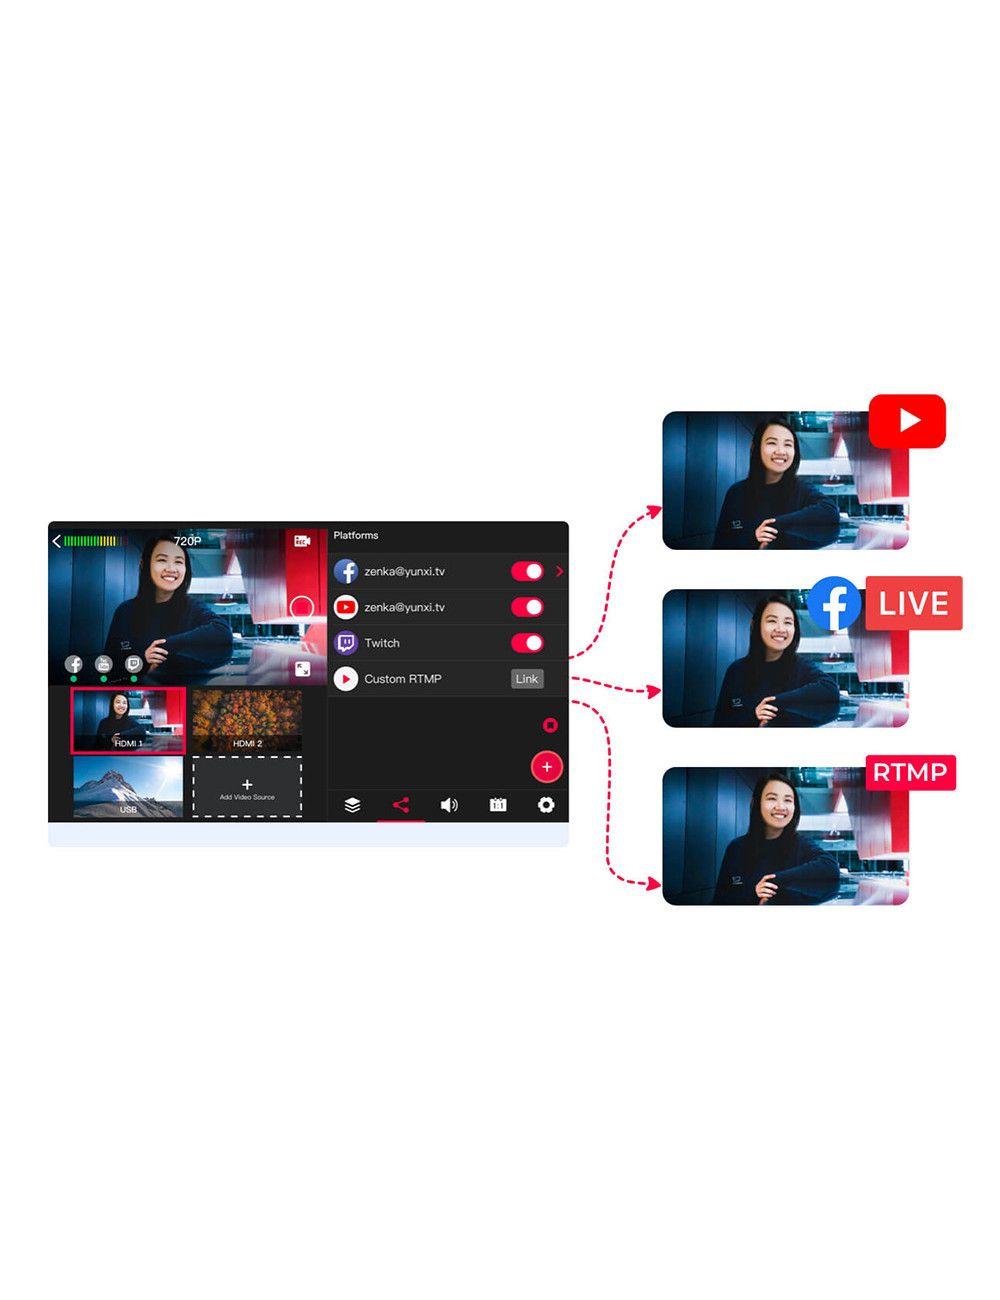 Difusor de flash para Yongnuo Yn968 (Canon y Nikon)